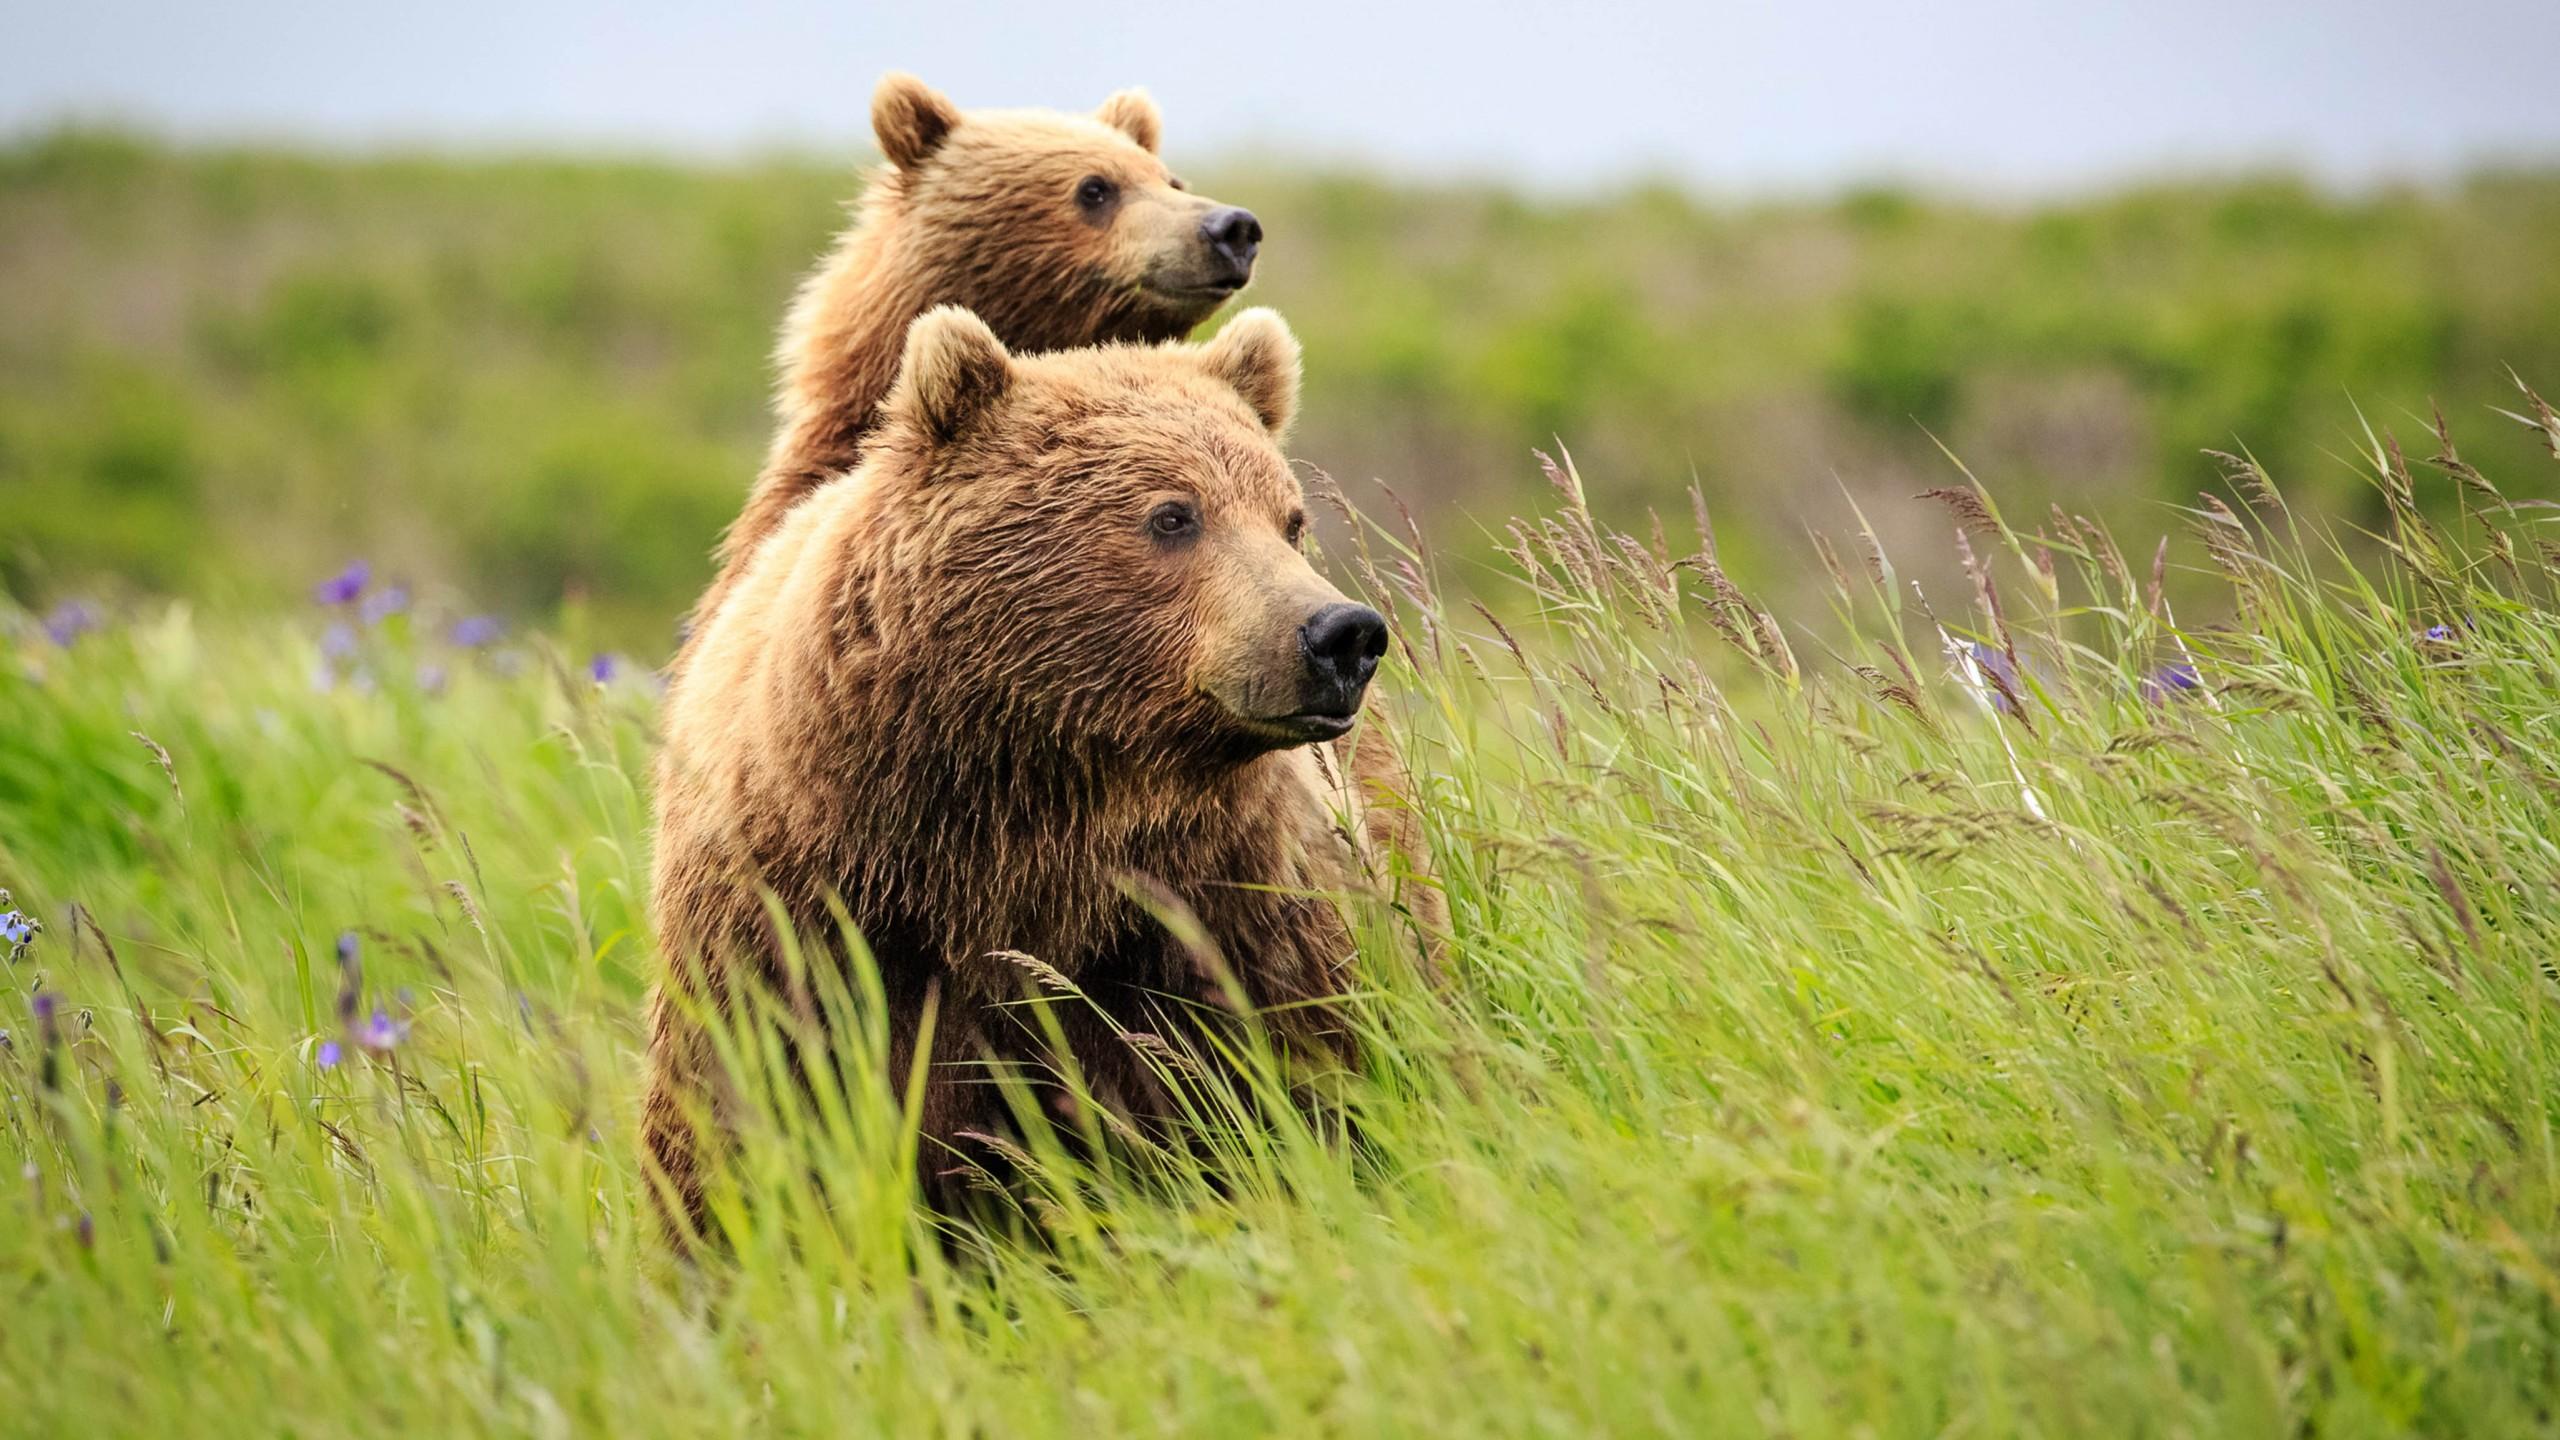 Wallpaper Bear Cute Animals Grass 4k 16105